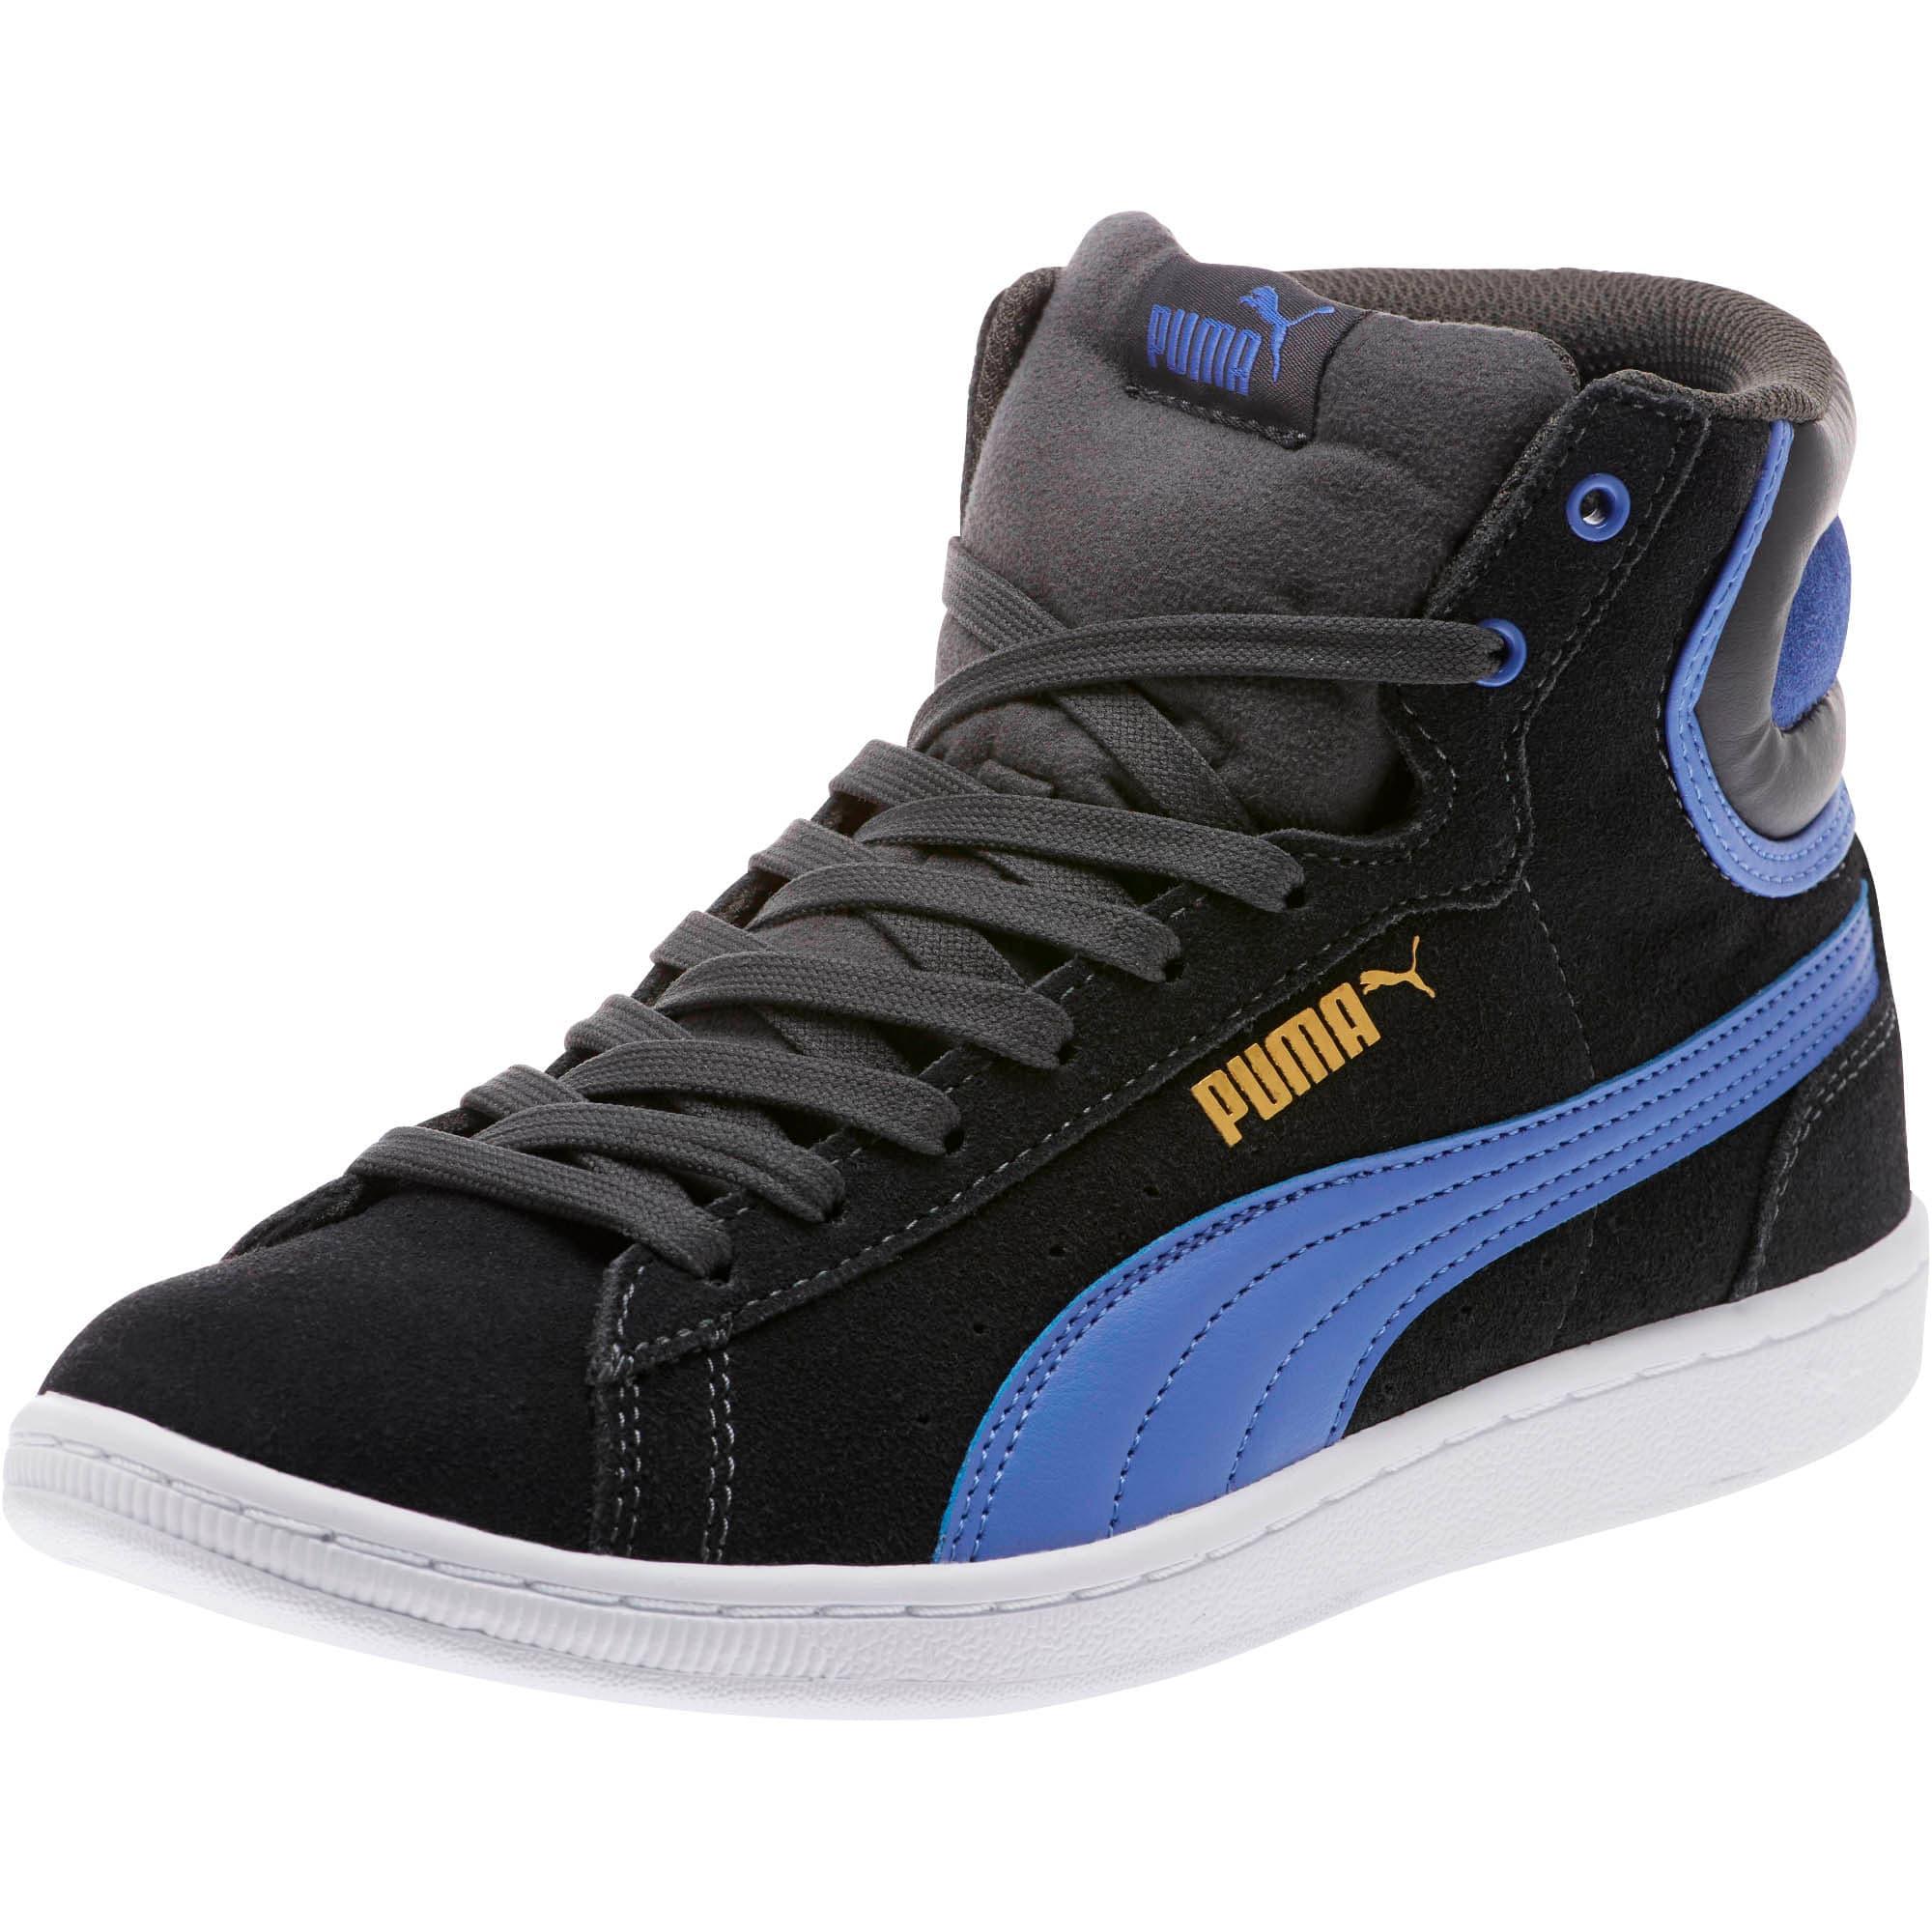 Thumbnail 1 of Vikky Mid Women's High Top Sneakers, Asphalt-Baja Blue, medium